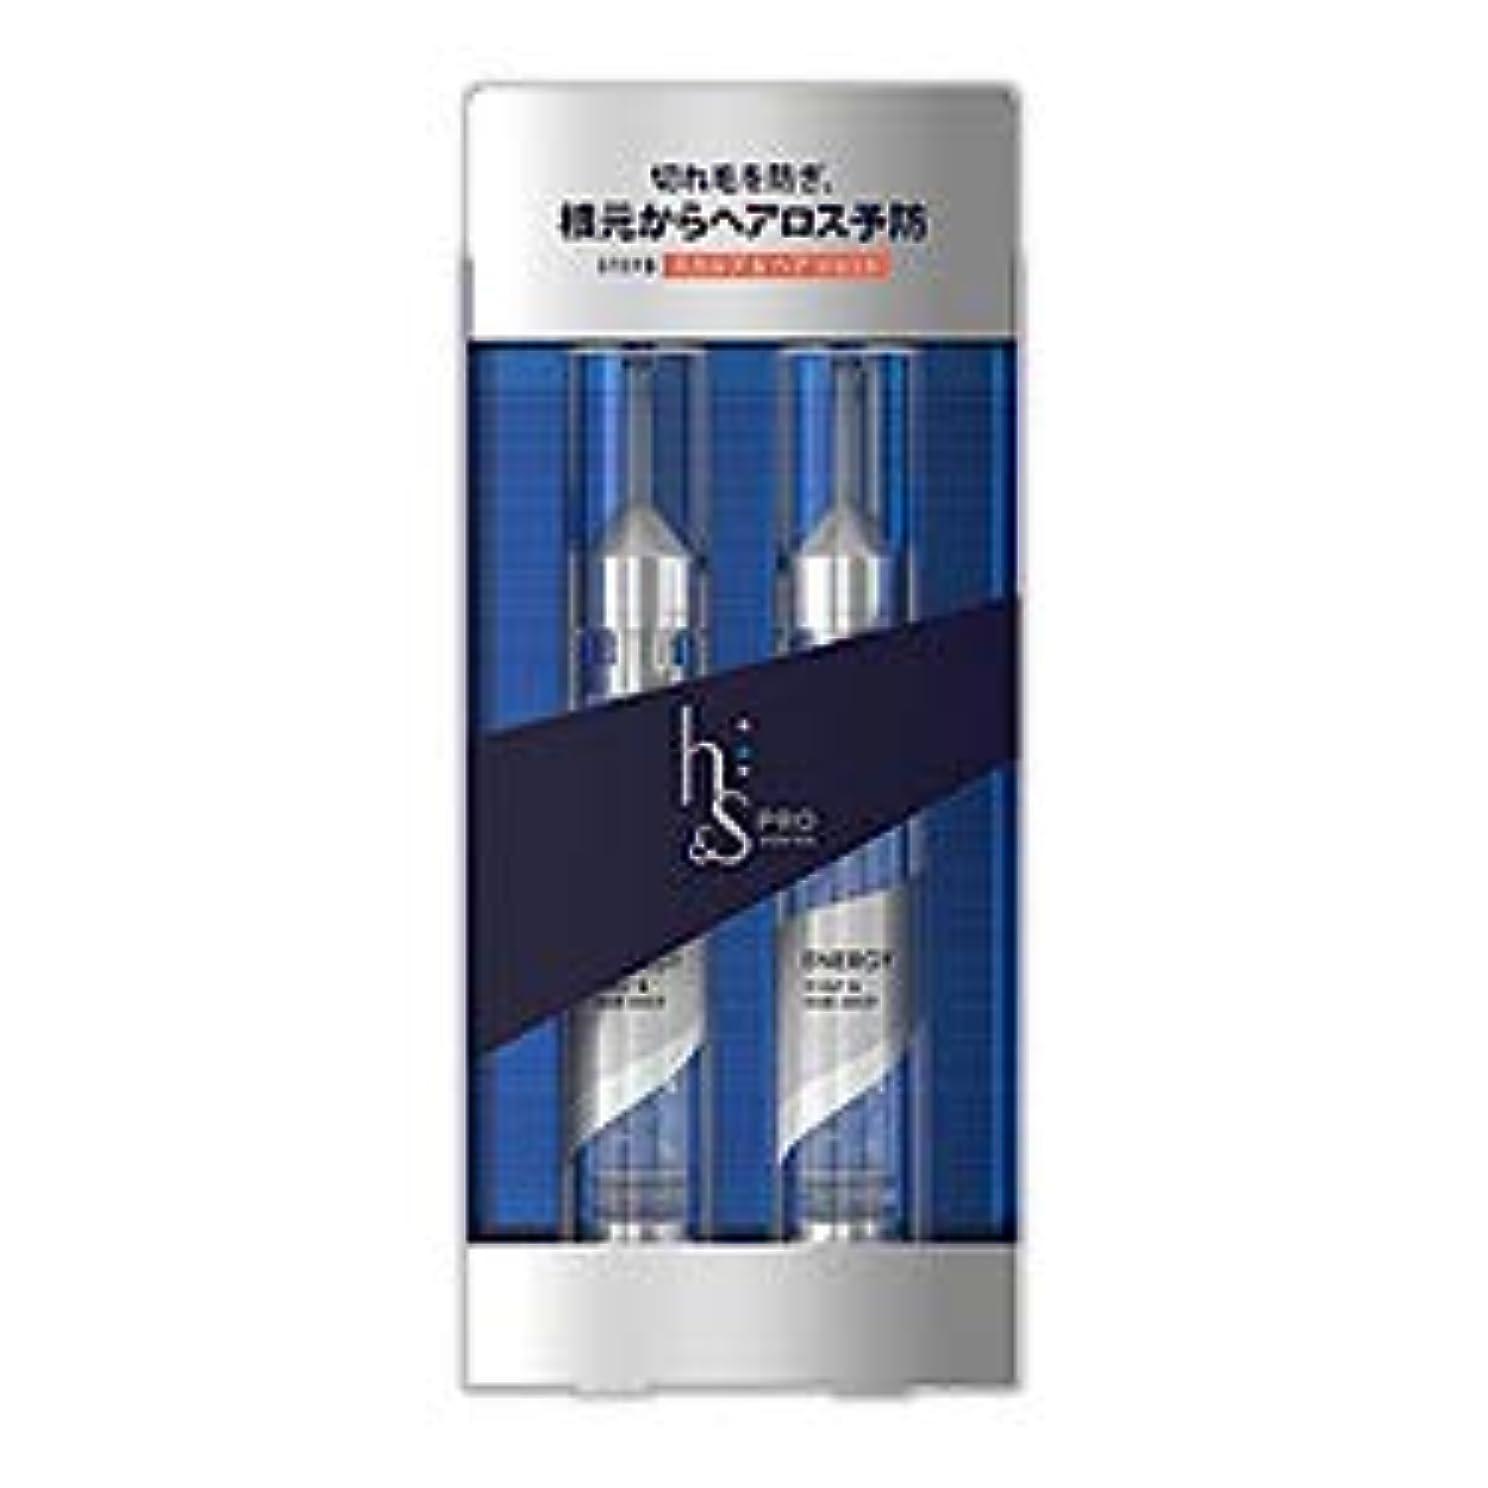 ママ有毒なハードウェア【P&G】h&s PRO Series (プロシリーズ) エナジー スカルプ&ヘア ショット 15ml×2本 ×18個セット